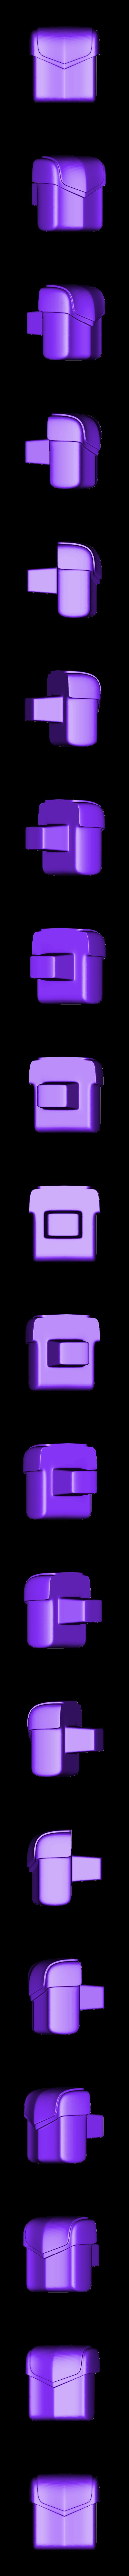 Batman single utility pouch.stl Télécharger fichier STL gratuit Batman - DC • Design à imprimer en 3D, ZMilab